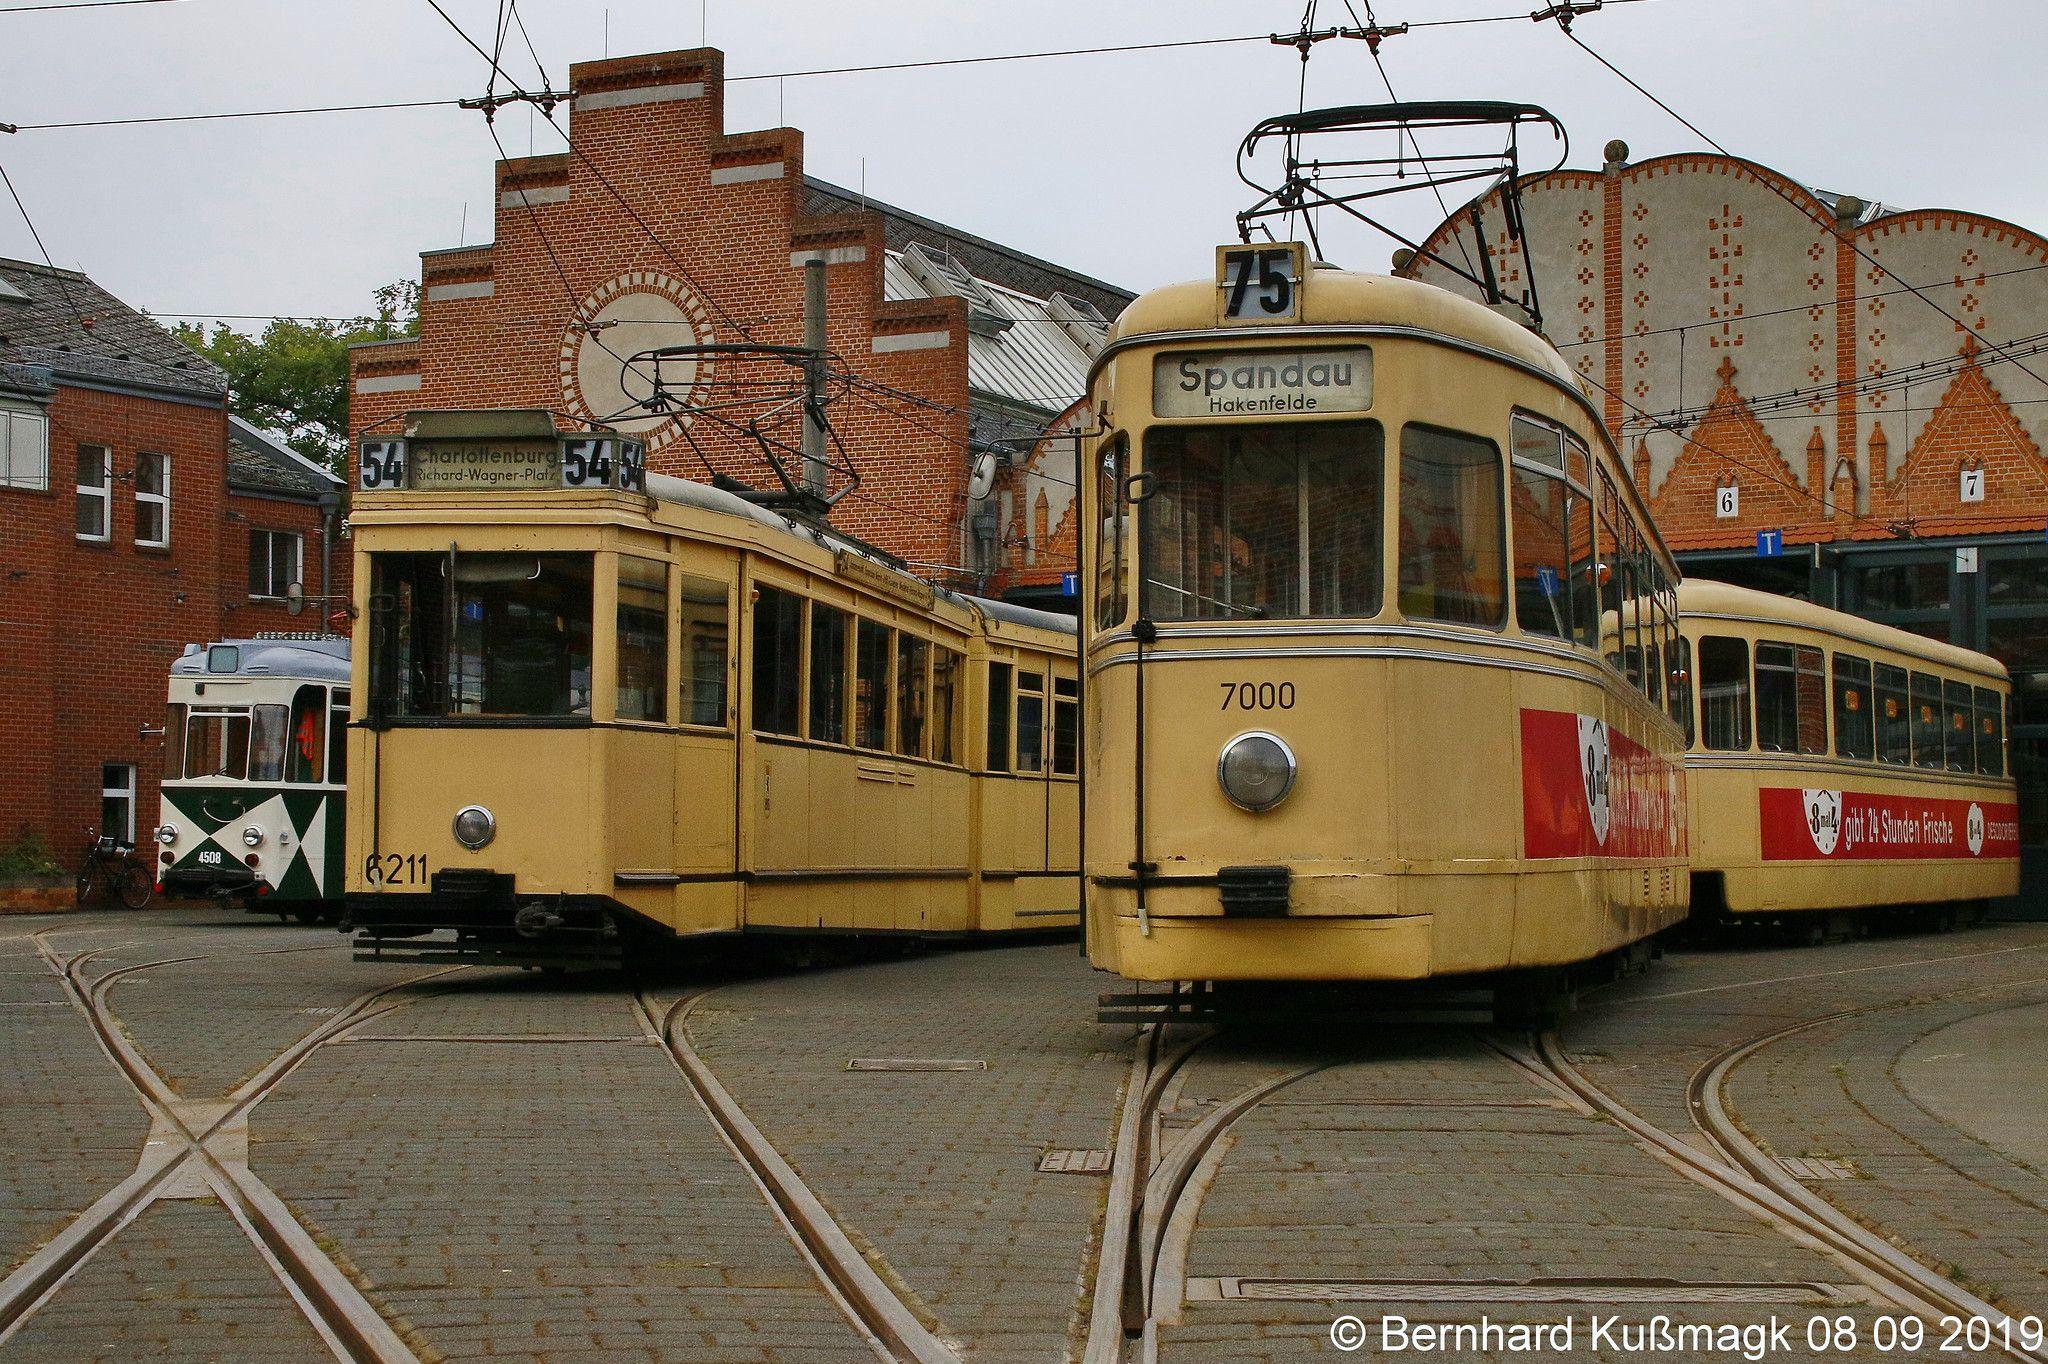 Pin On Berlin Strassenbahn Berlin Tramway Berlin Streetcar Berlin Trolley